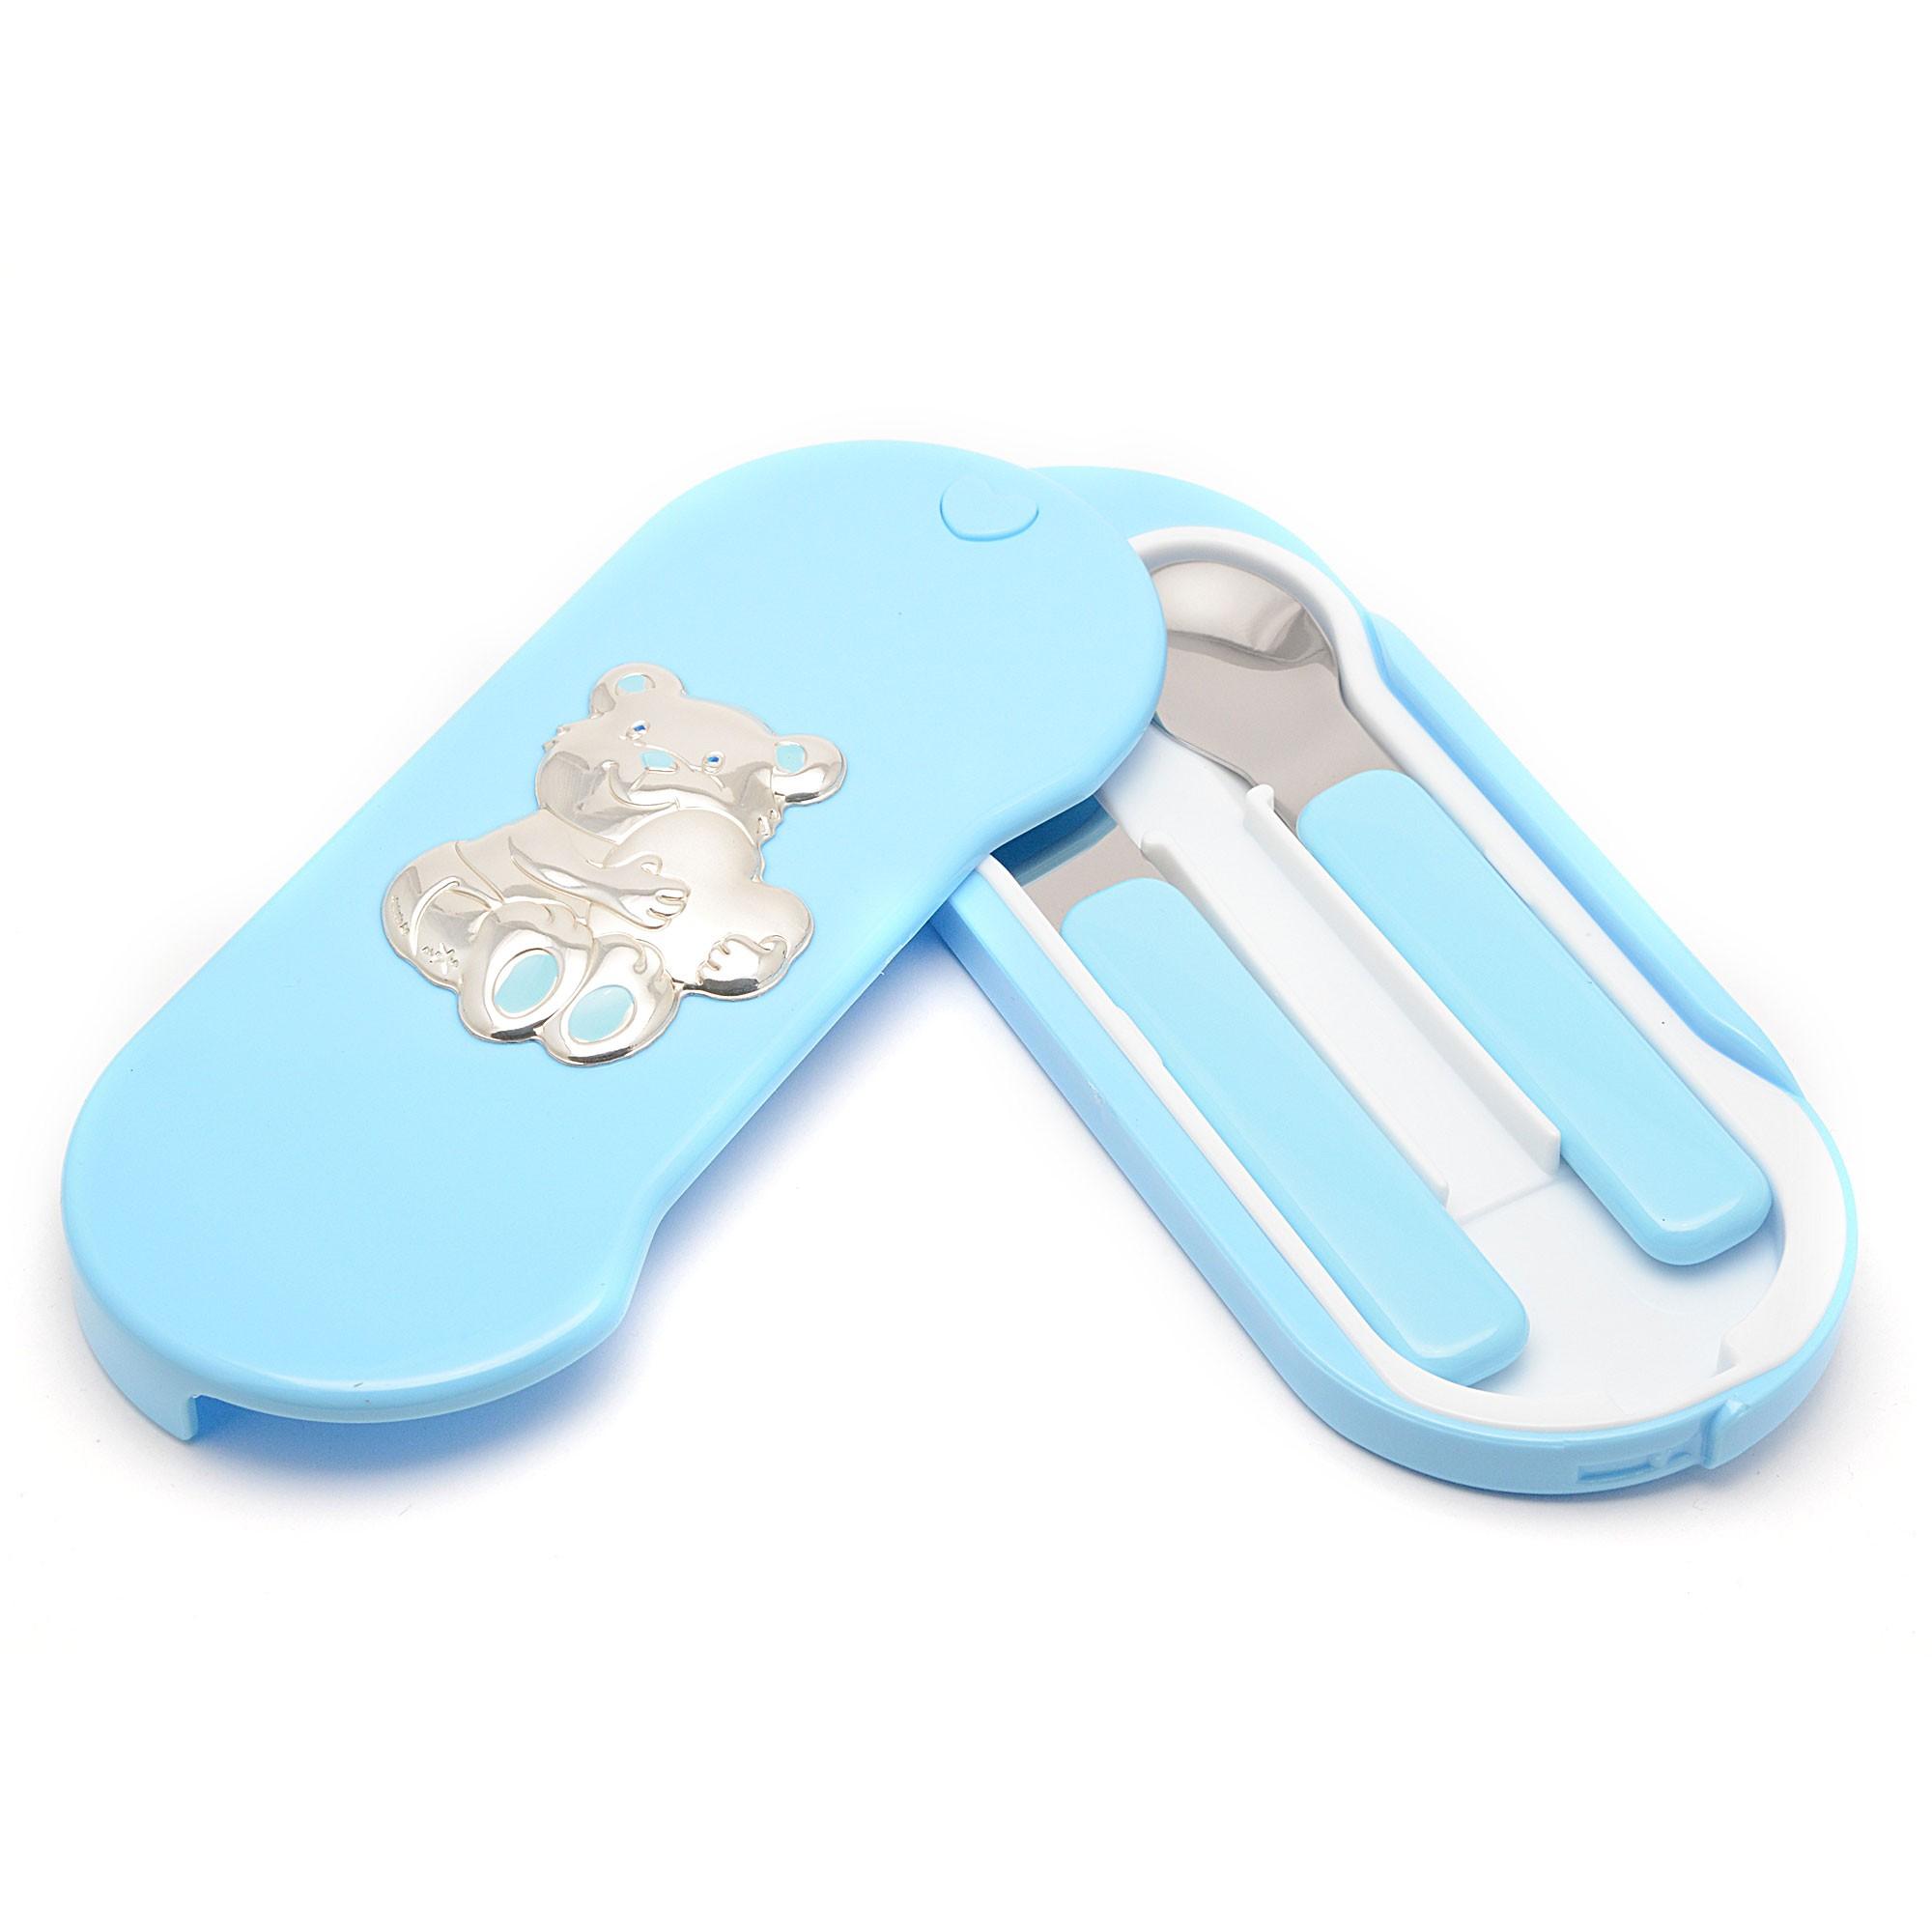 Cubierto beb azul osito - El osito azul ...